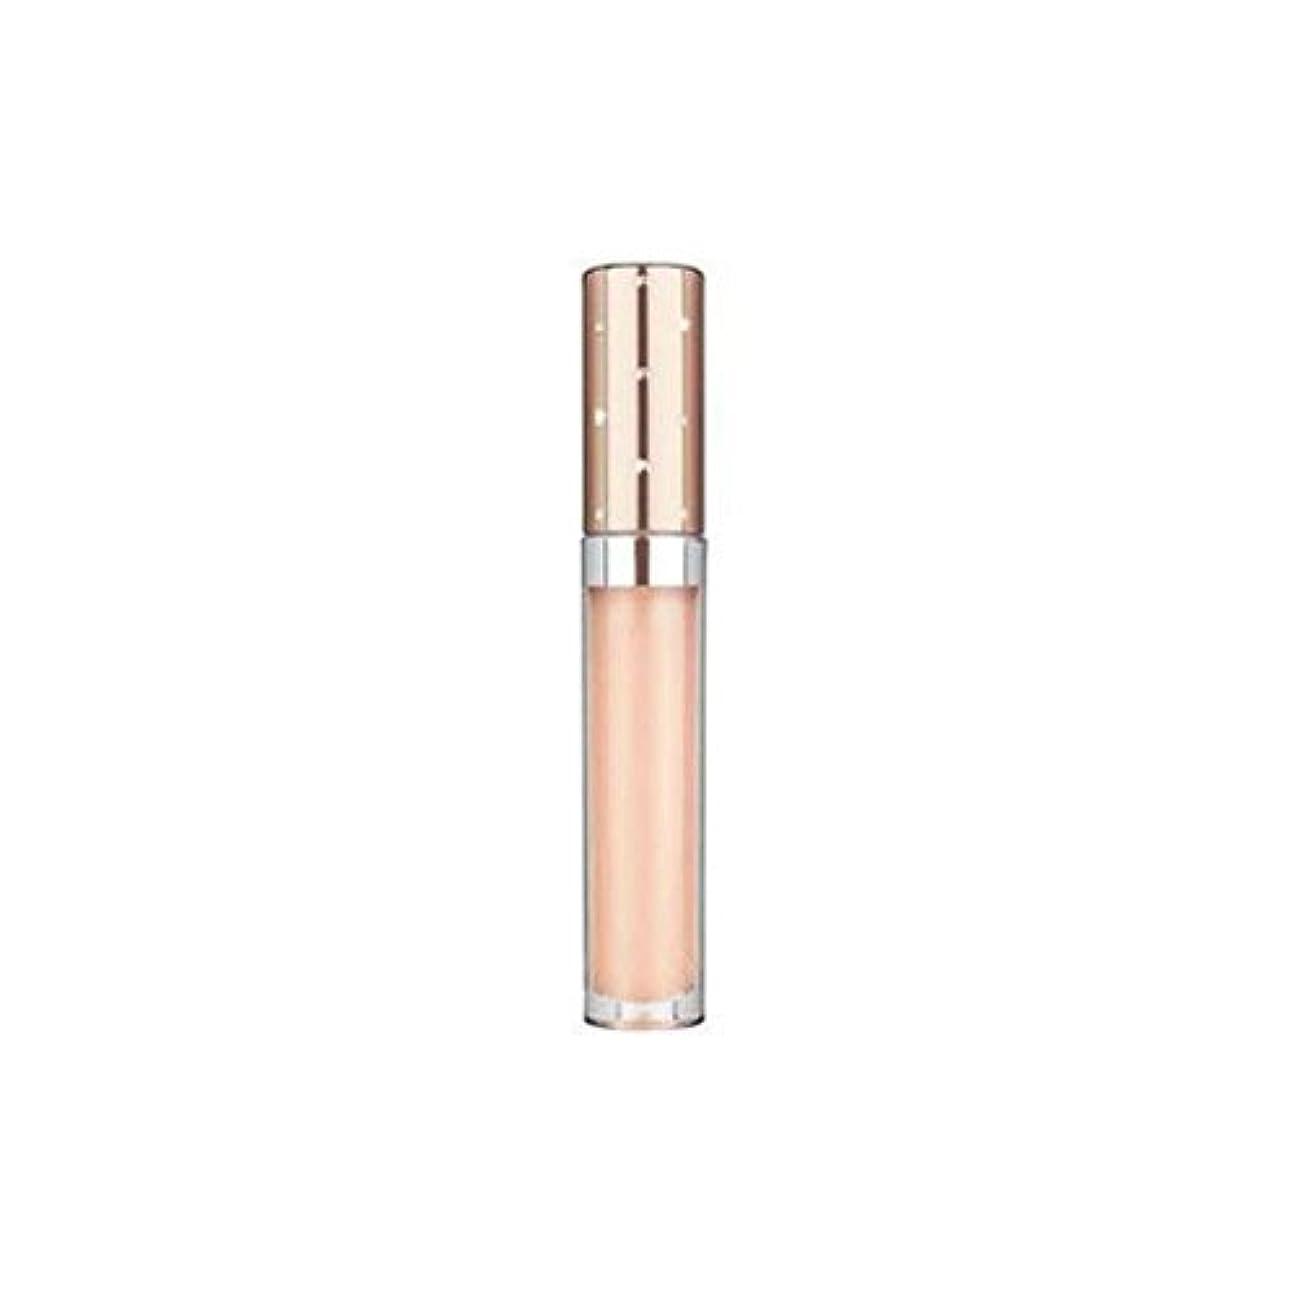 サドル国現代のNubo Instant Lip Perfection Spf15 (5ml) (Pack of 6) - インスタントリップパーフェクション15(5ミリリットル) x6 [並行輸入品]